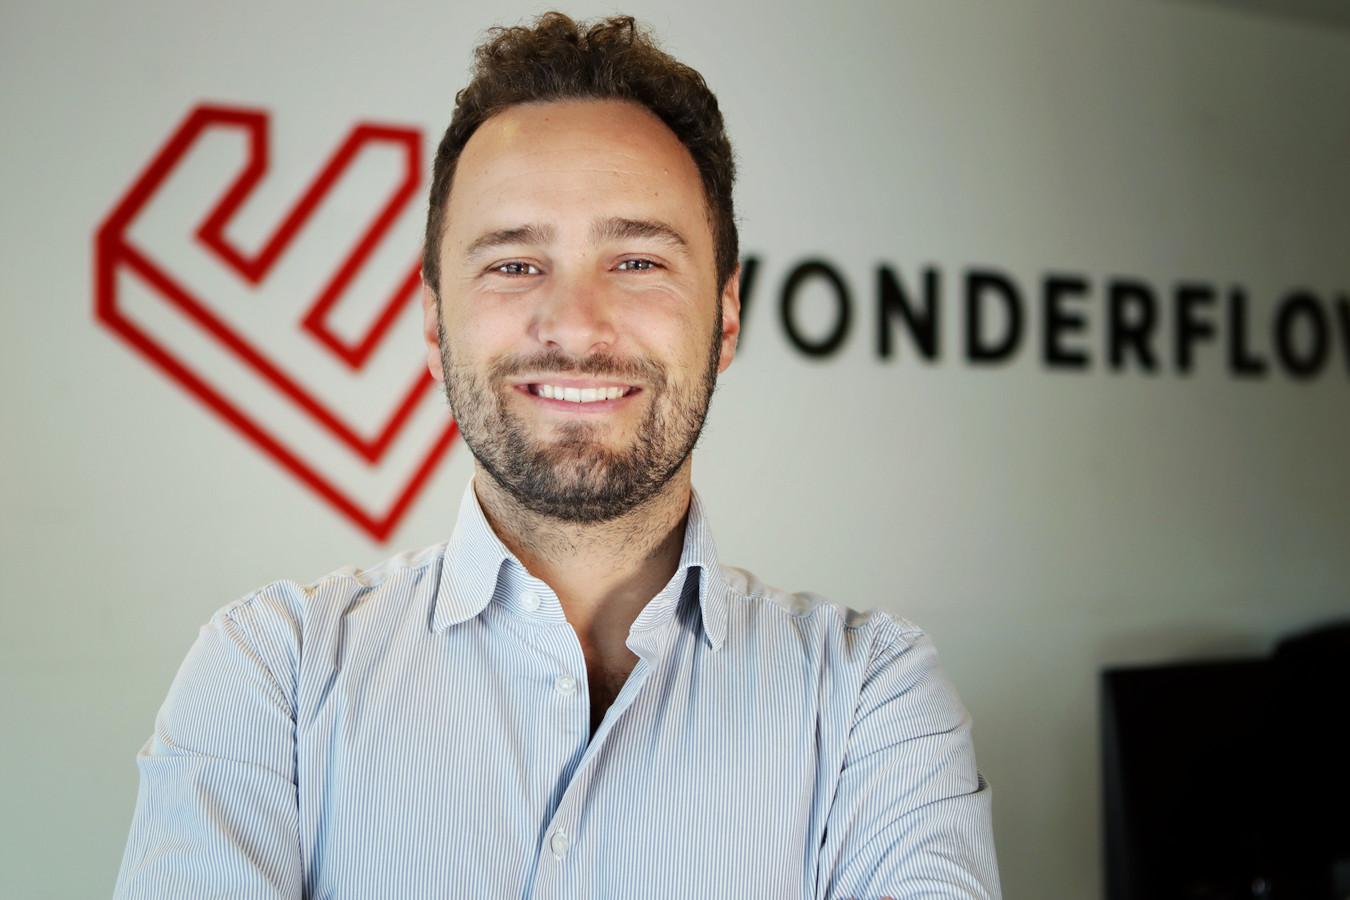 Riccardo Osti, CEO van Wonderflow